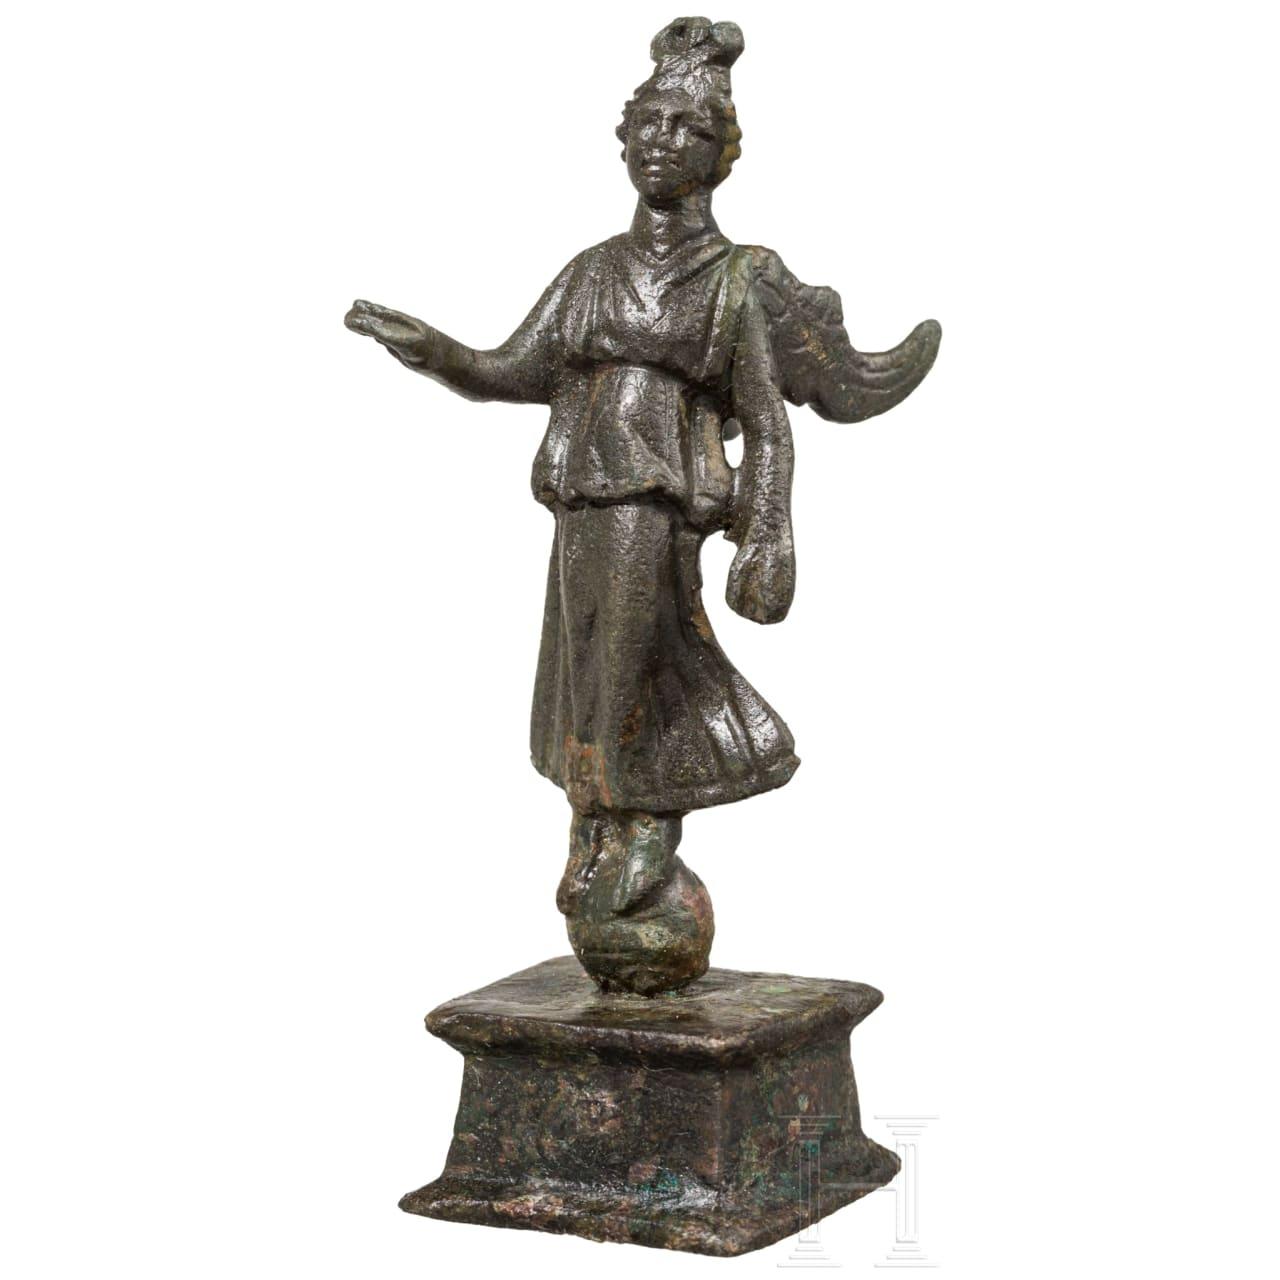 Bronzestatuette der Siegesgöttin Victoria, römisch, 2. - 3. Jhdt.